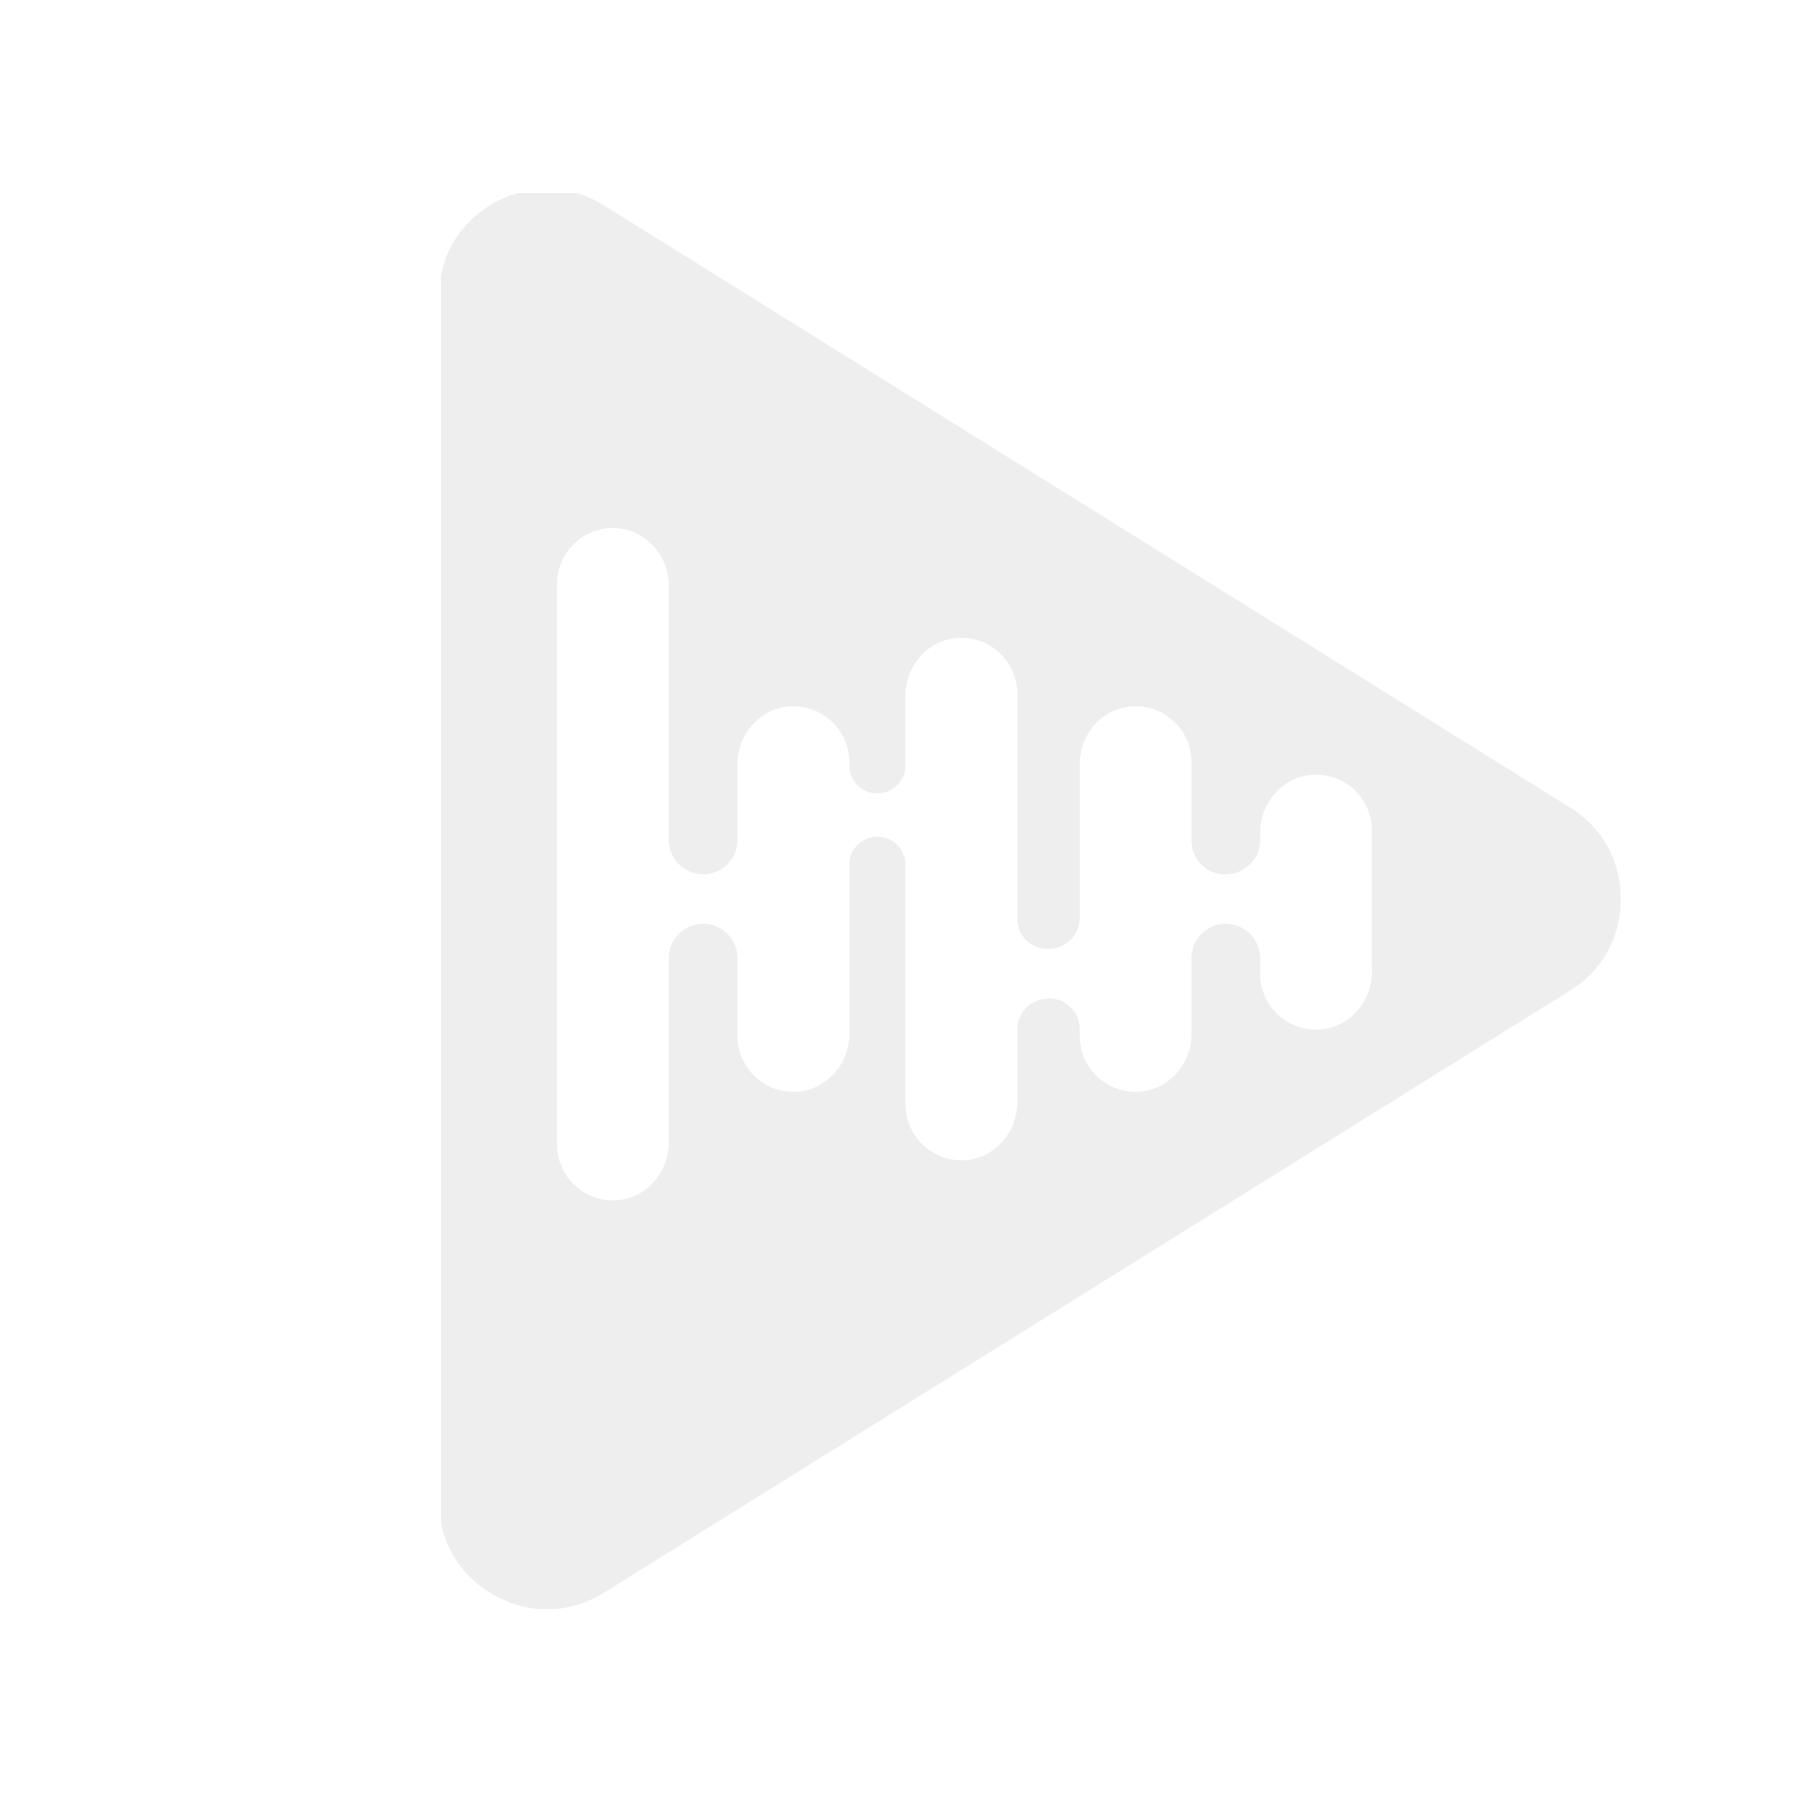 Metra AXADGM02 - Kabelsett til AXADBOX1/2 - GM ('06 >) m/LAN 11